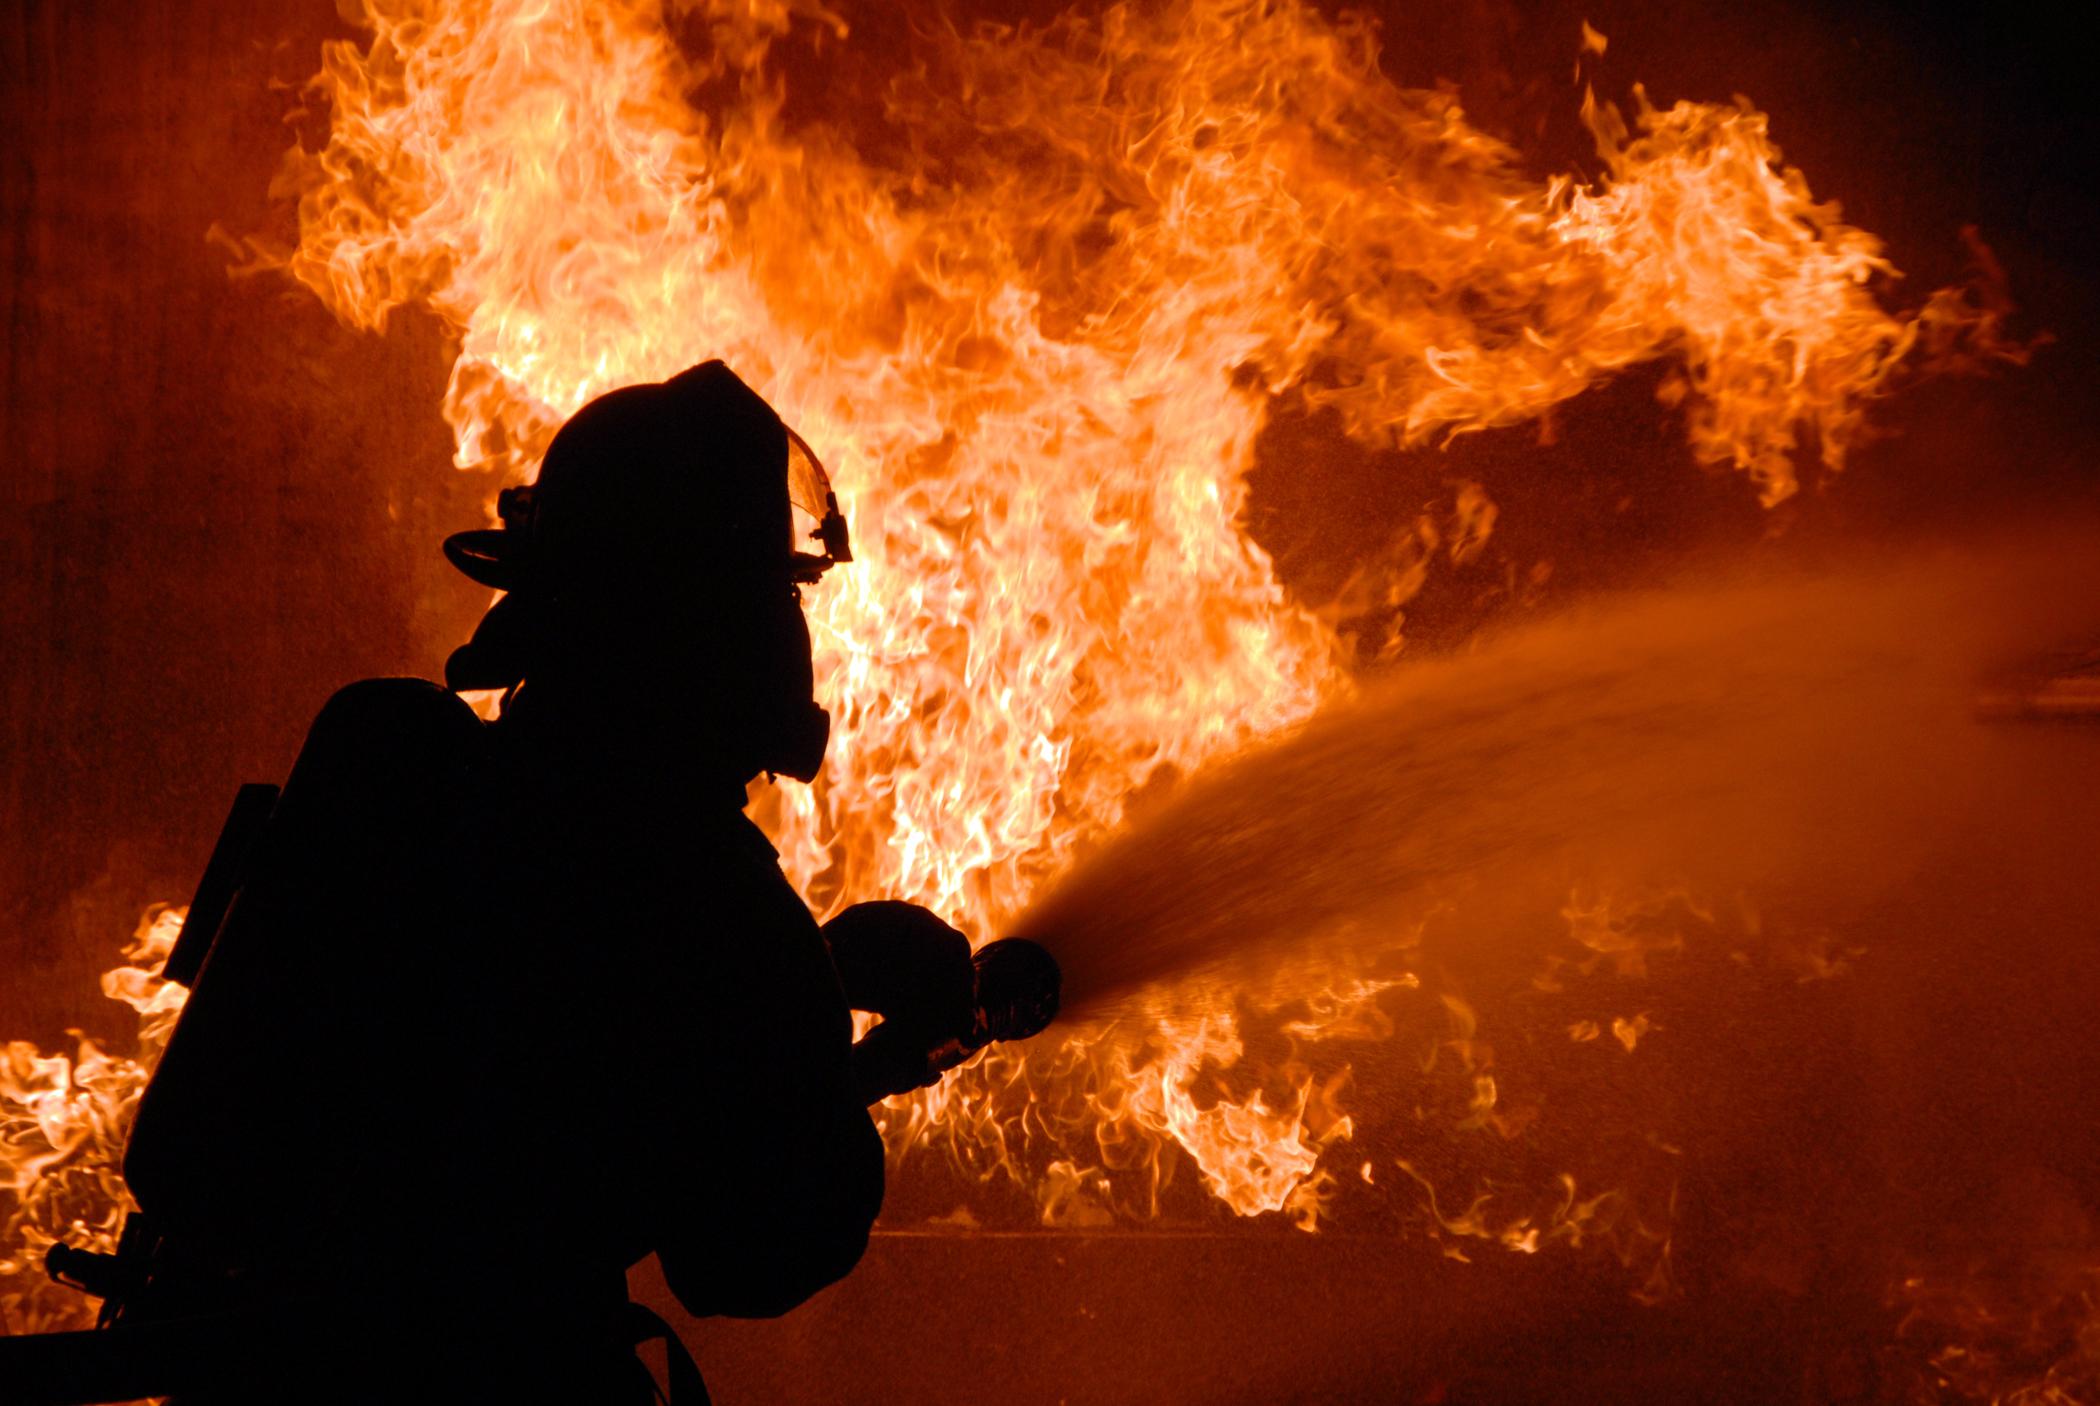 ВЮжном Бутове зажегся склад, площадь пожара превысила 1 000 кв. метров